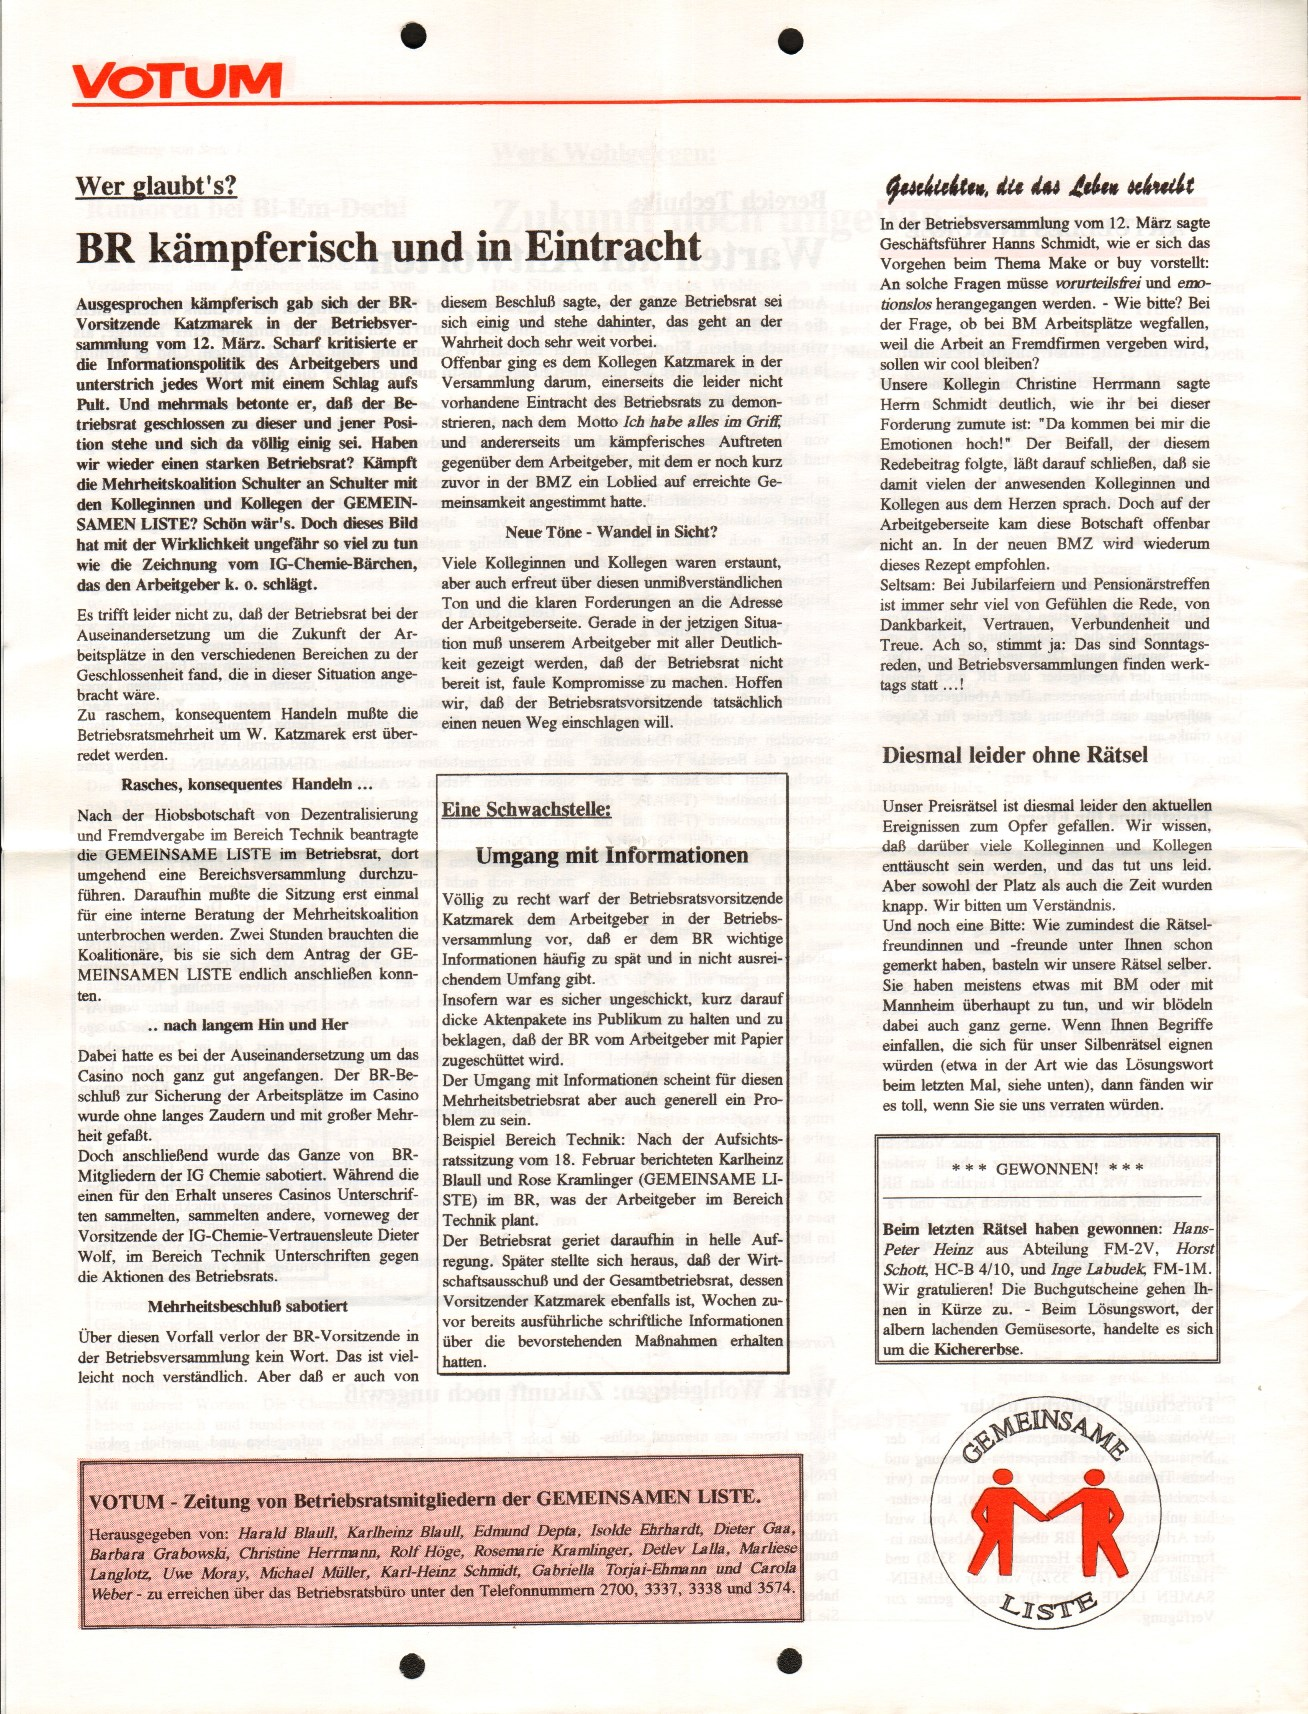 Mannheim_Boehringer_Gemeinsame_Liste_1992_02_04